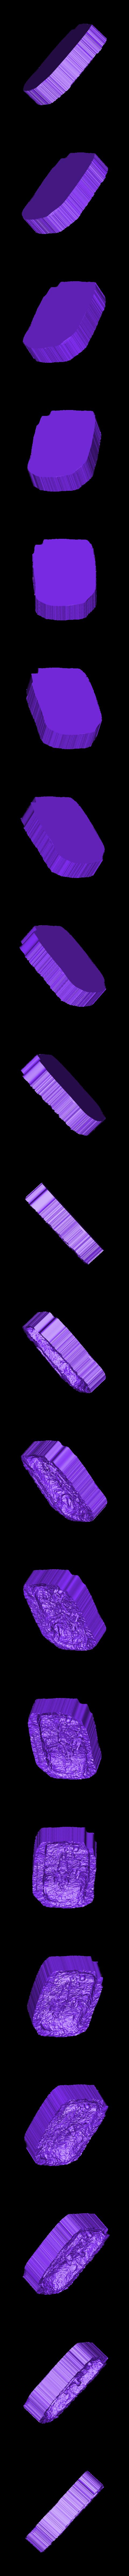 Low_poly_water_tight02.obj Télécharger fichier OBJ gratuit Inhumation romaine du Ve siècle après J.-C. à Viroinval, Belgique • Design pour impression 3D, Snorri